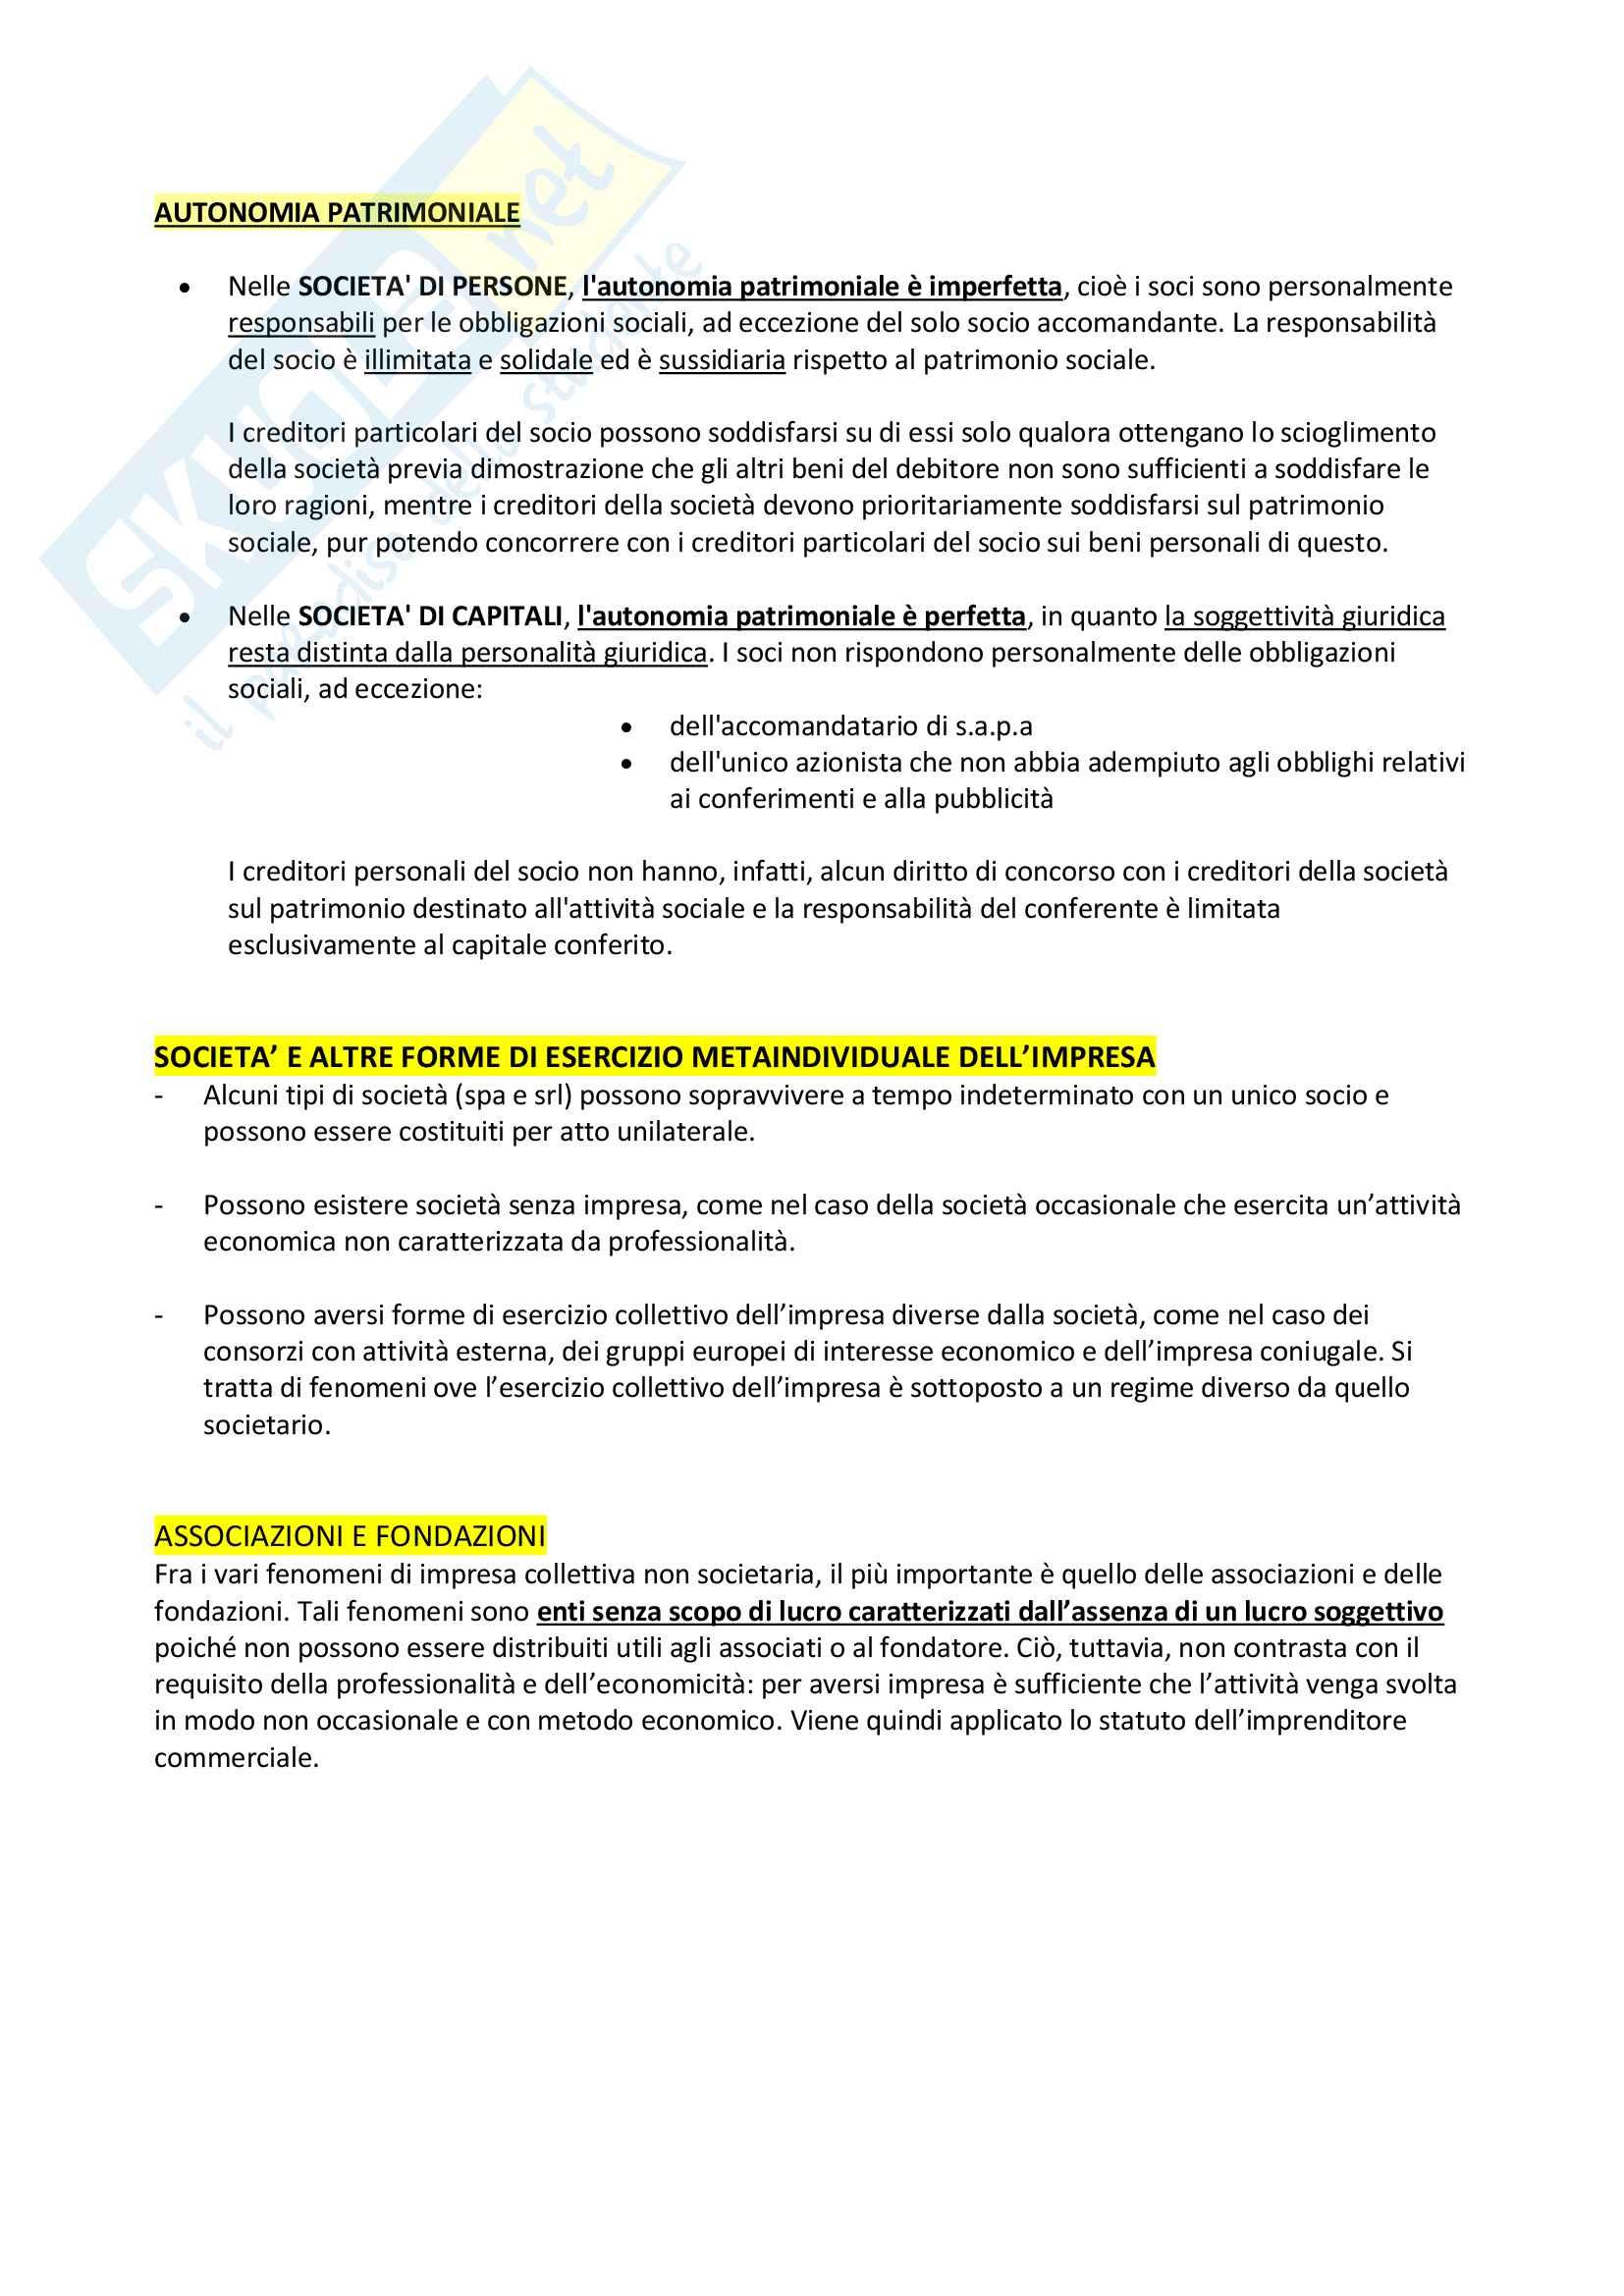 Riassunto + appunti di diritto delle società Pag. 6